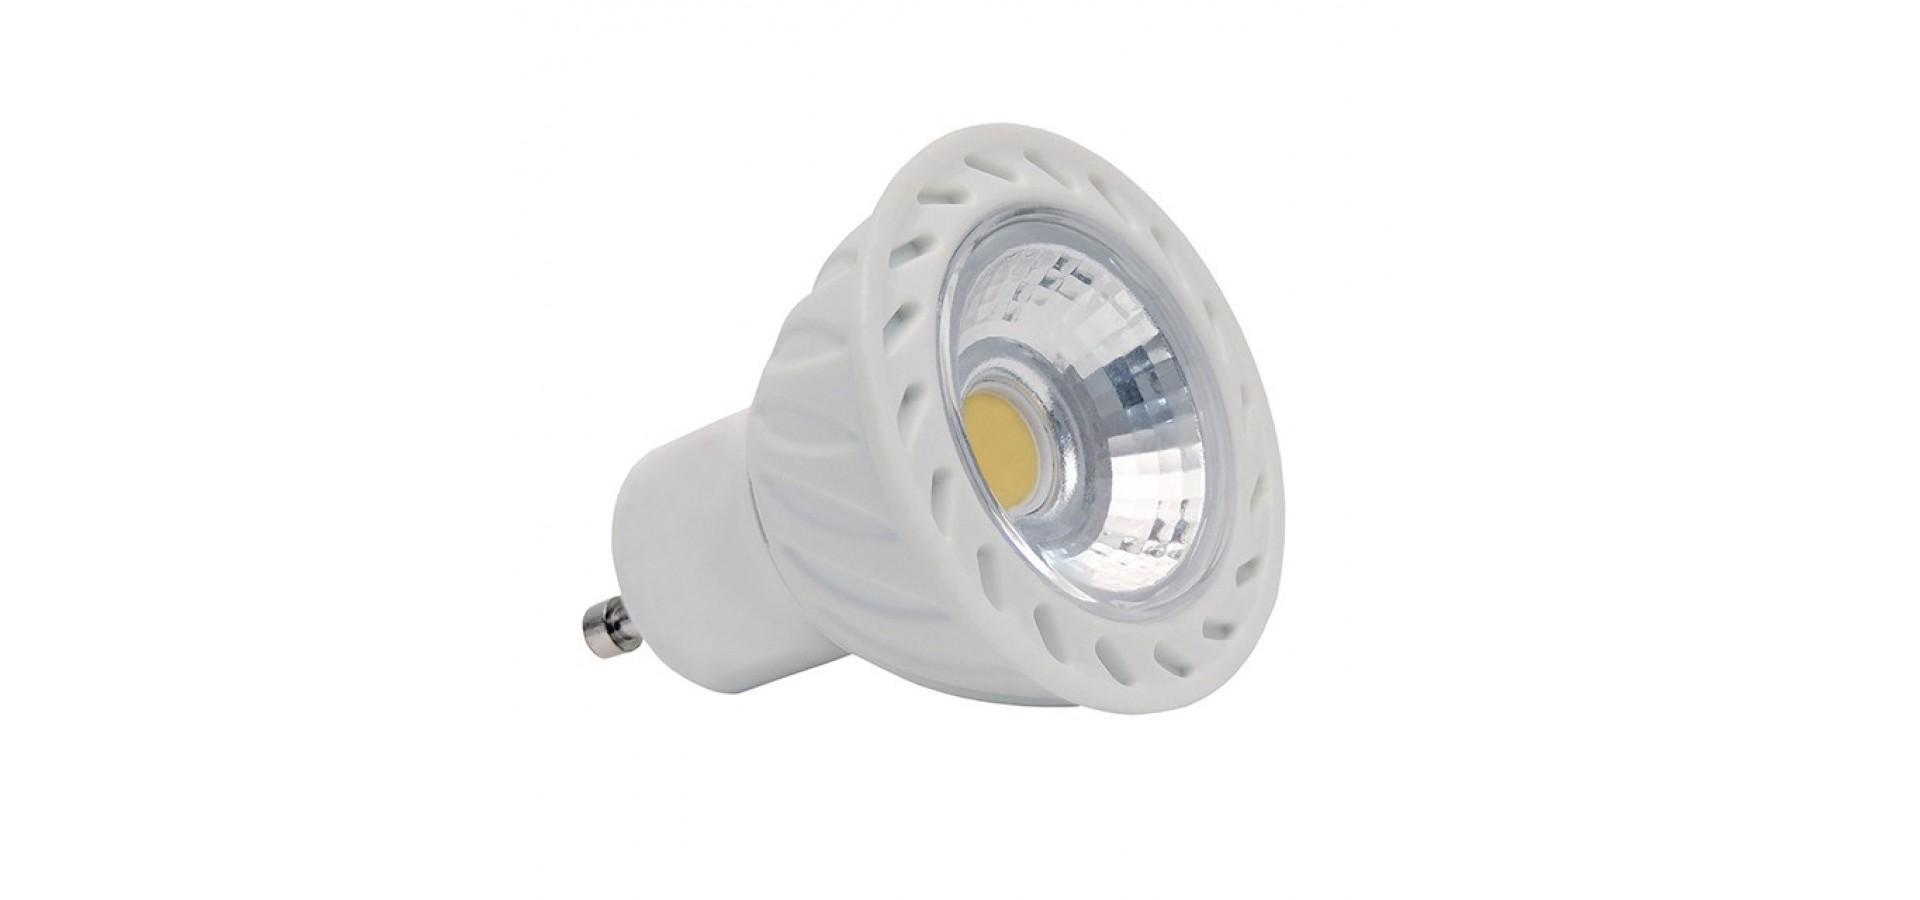 Светодиодные лампы освещения